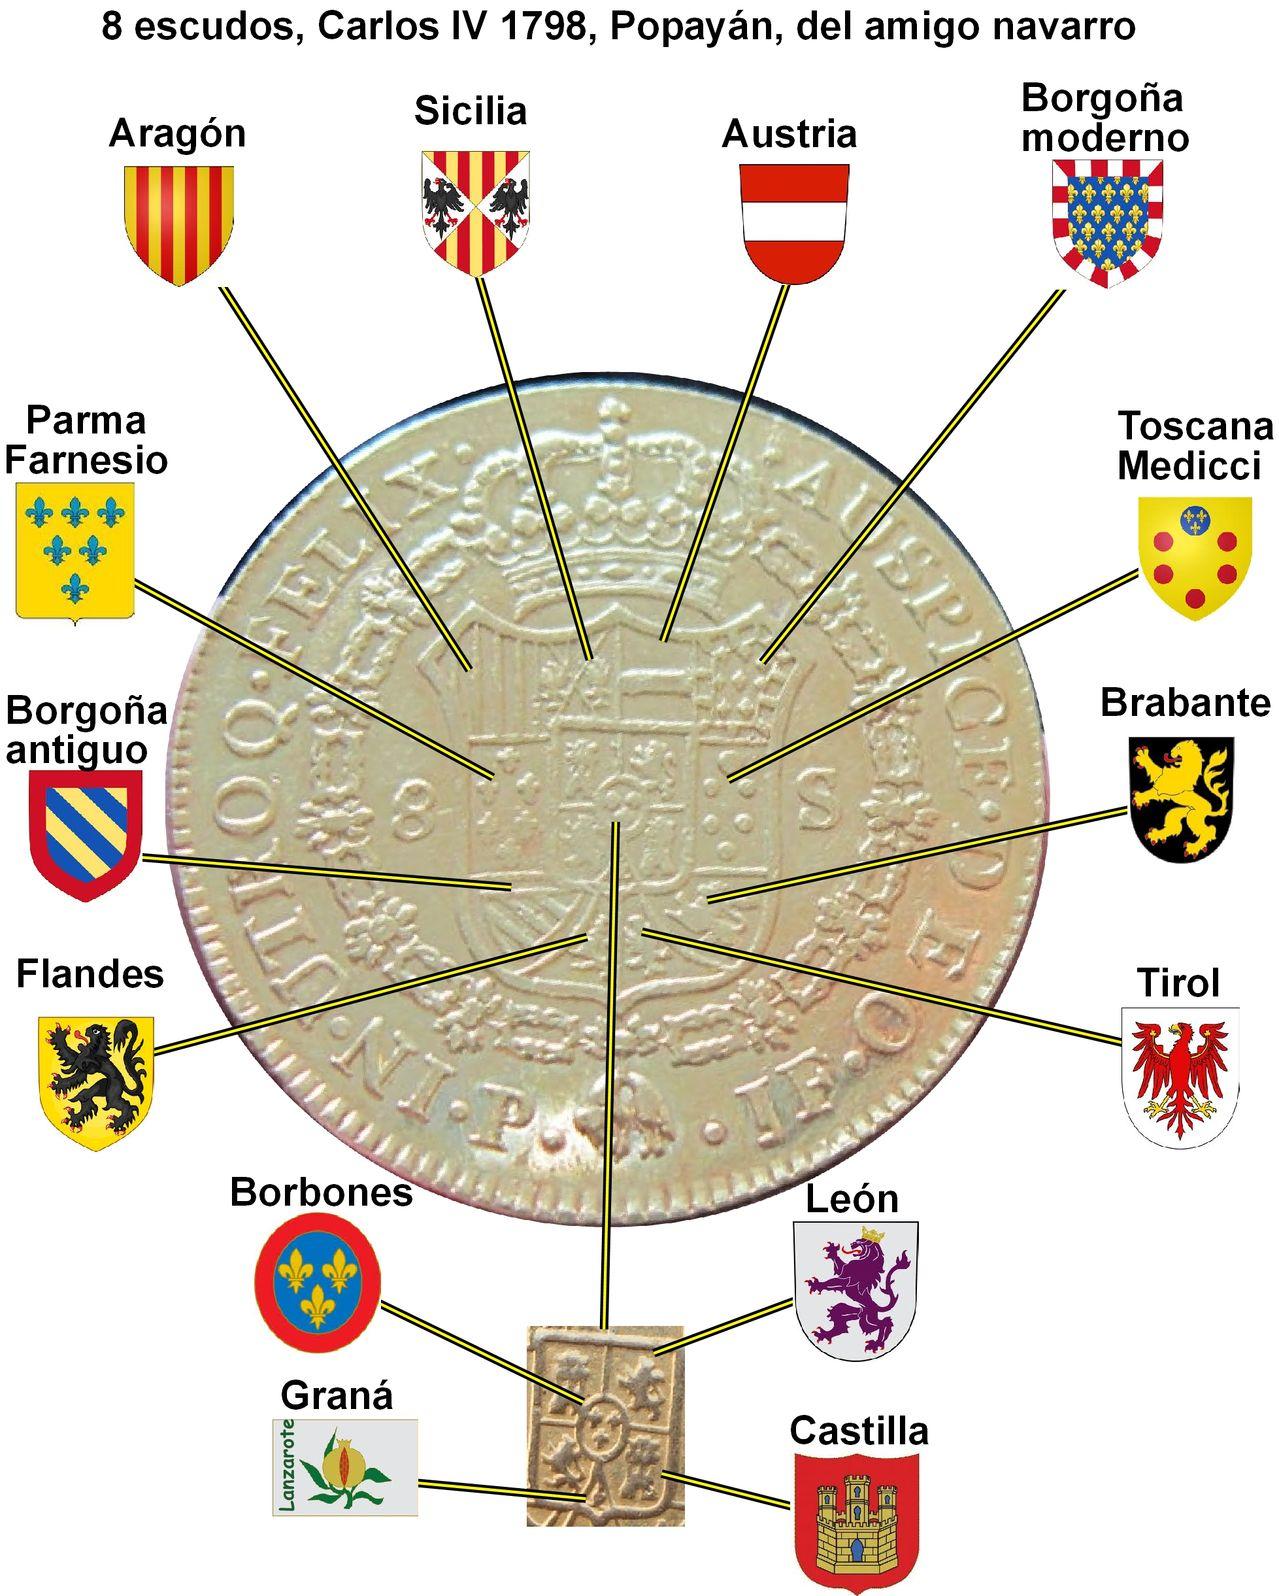 8 ESCUDOS CARLOS IV 1798 Navarro